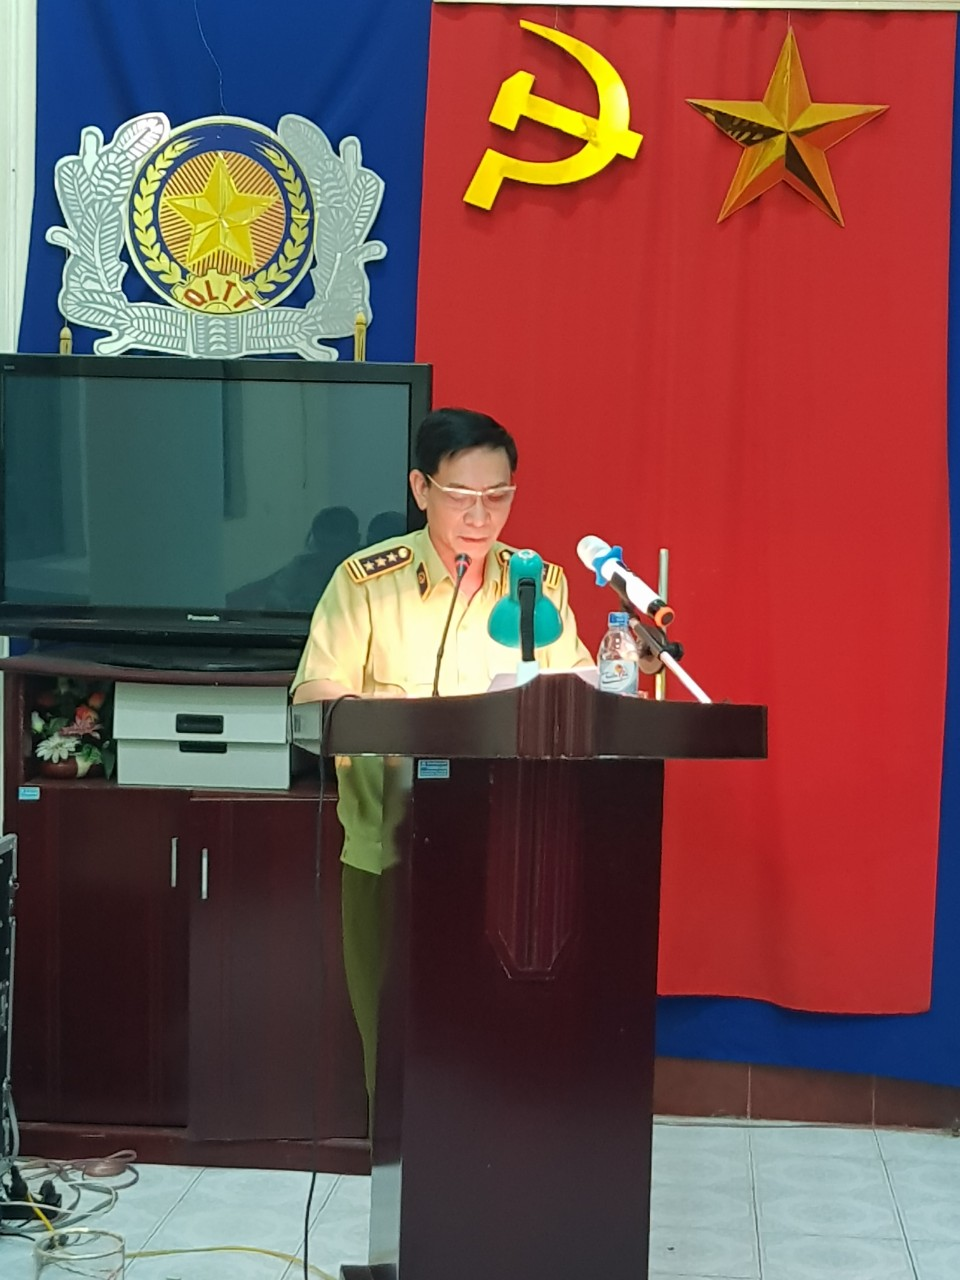 Đảng ủy Cục QLTT: Tổ chức Hội nghị học tập, quán triệt và triển khai thực hiện các Nghị quyết, Chỉ thị, Kết luận của Bộ Chính trị và Ban Bí thư Trung ương Đảng và các Nghị quyết của Tỉnh, Đảng bộ Thái Bình khóa XIX.